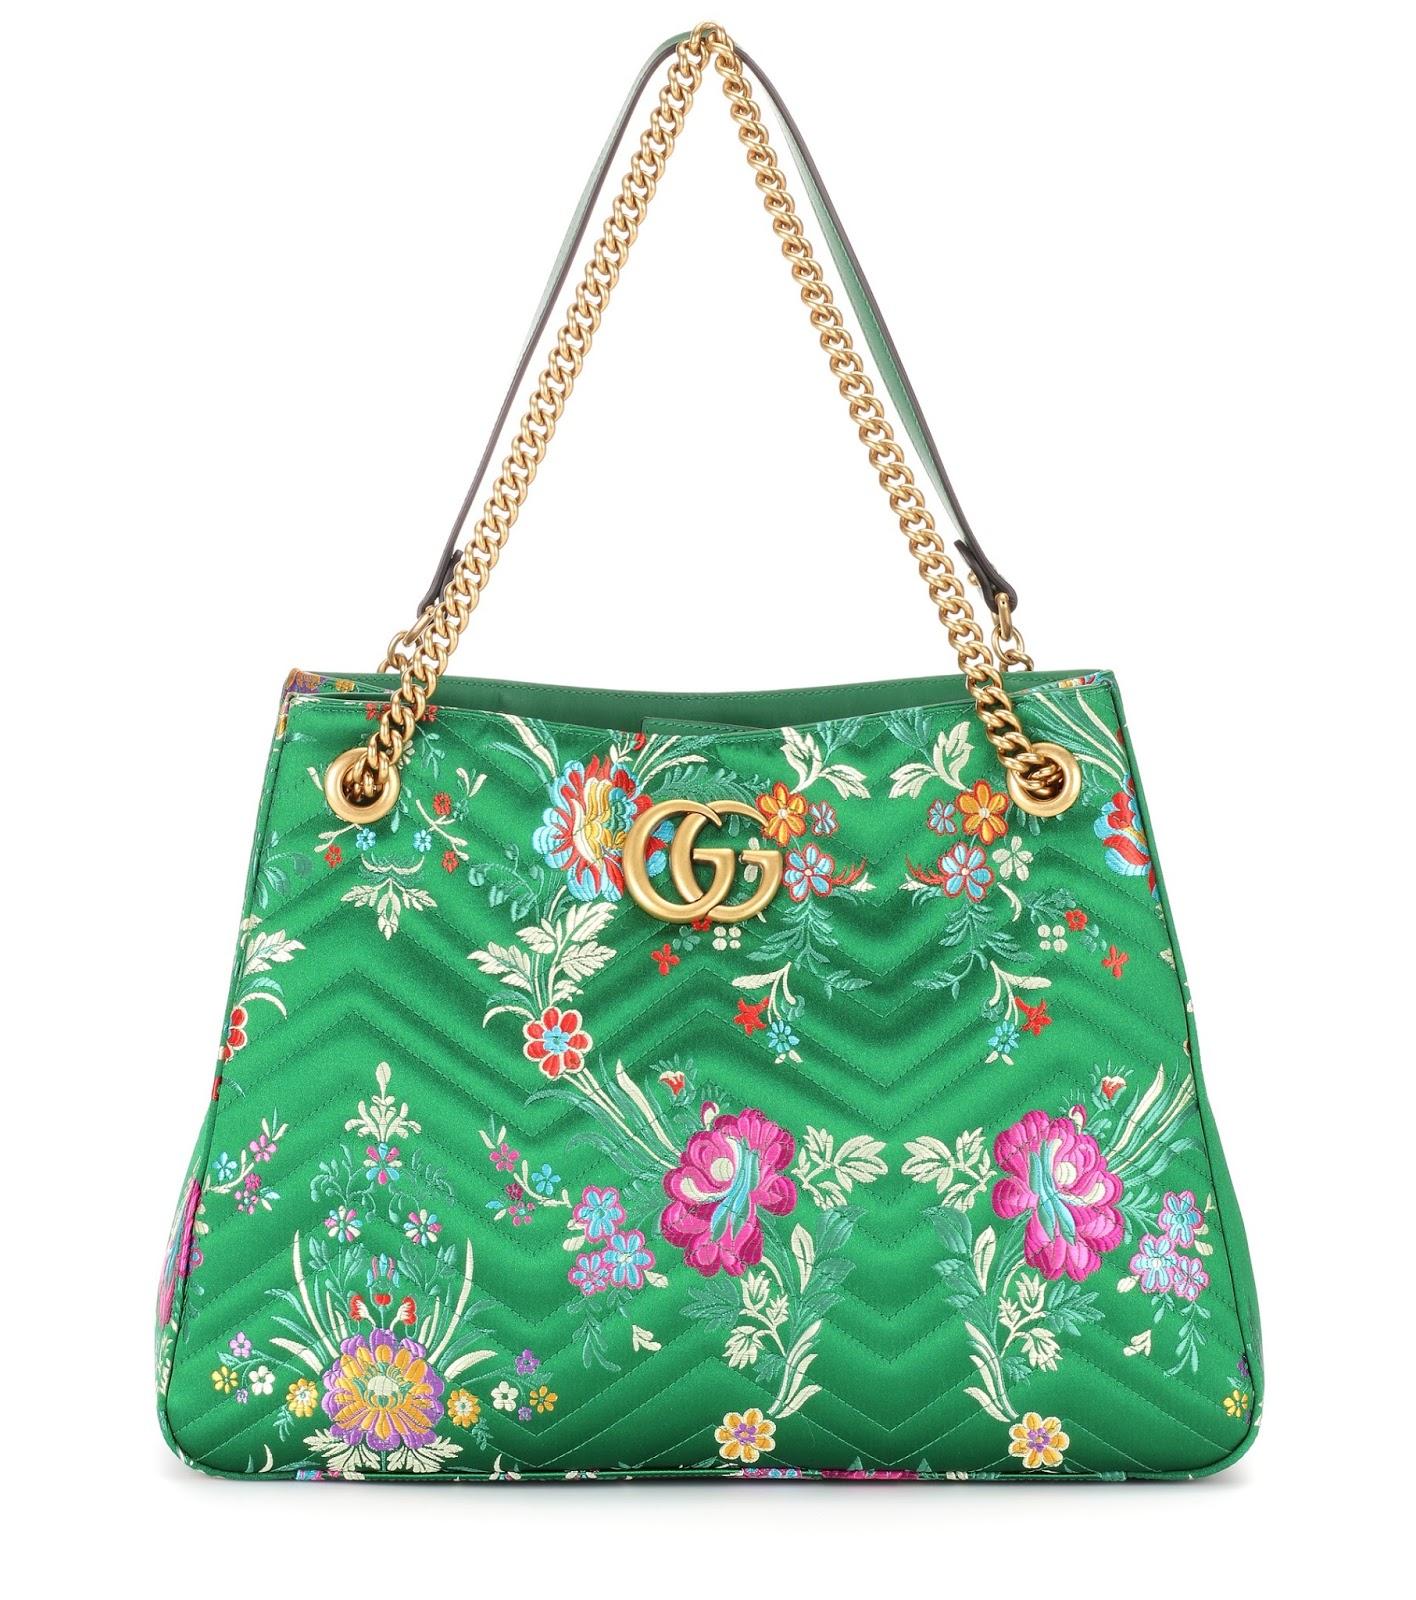 La GG Marmont di GUCCI è un accessorio romantico e glam in brillante  tessuto jacquard e broccato a motivo floreale. La borsa del giorno è  caratterizzata da ... 757c2a9bc65f